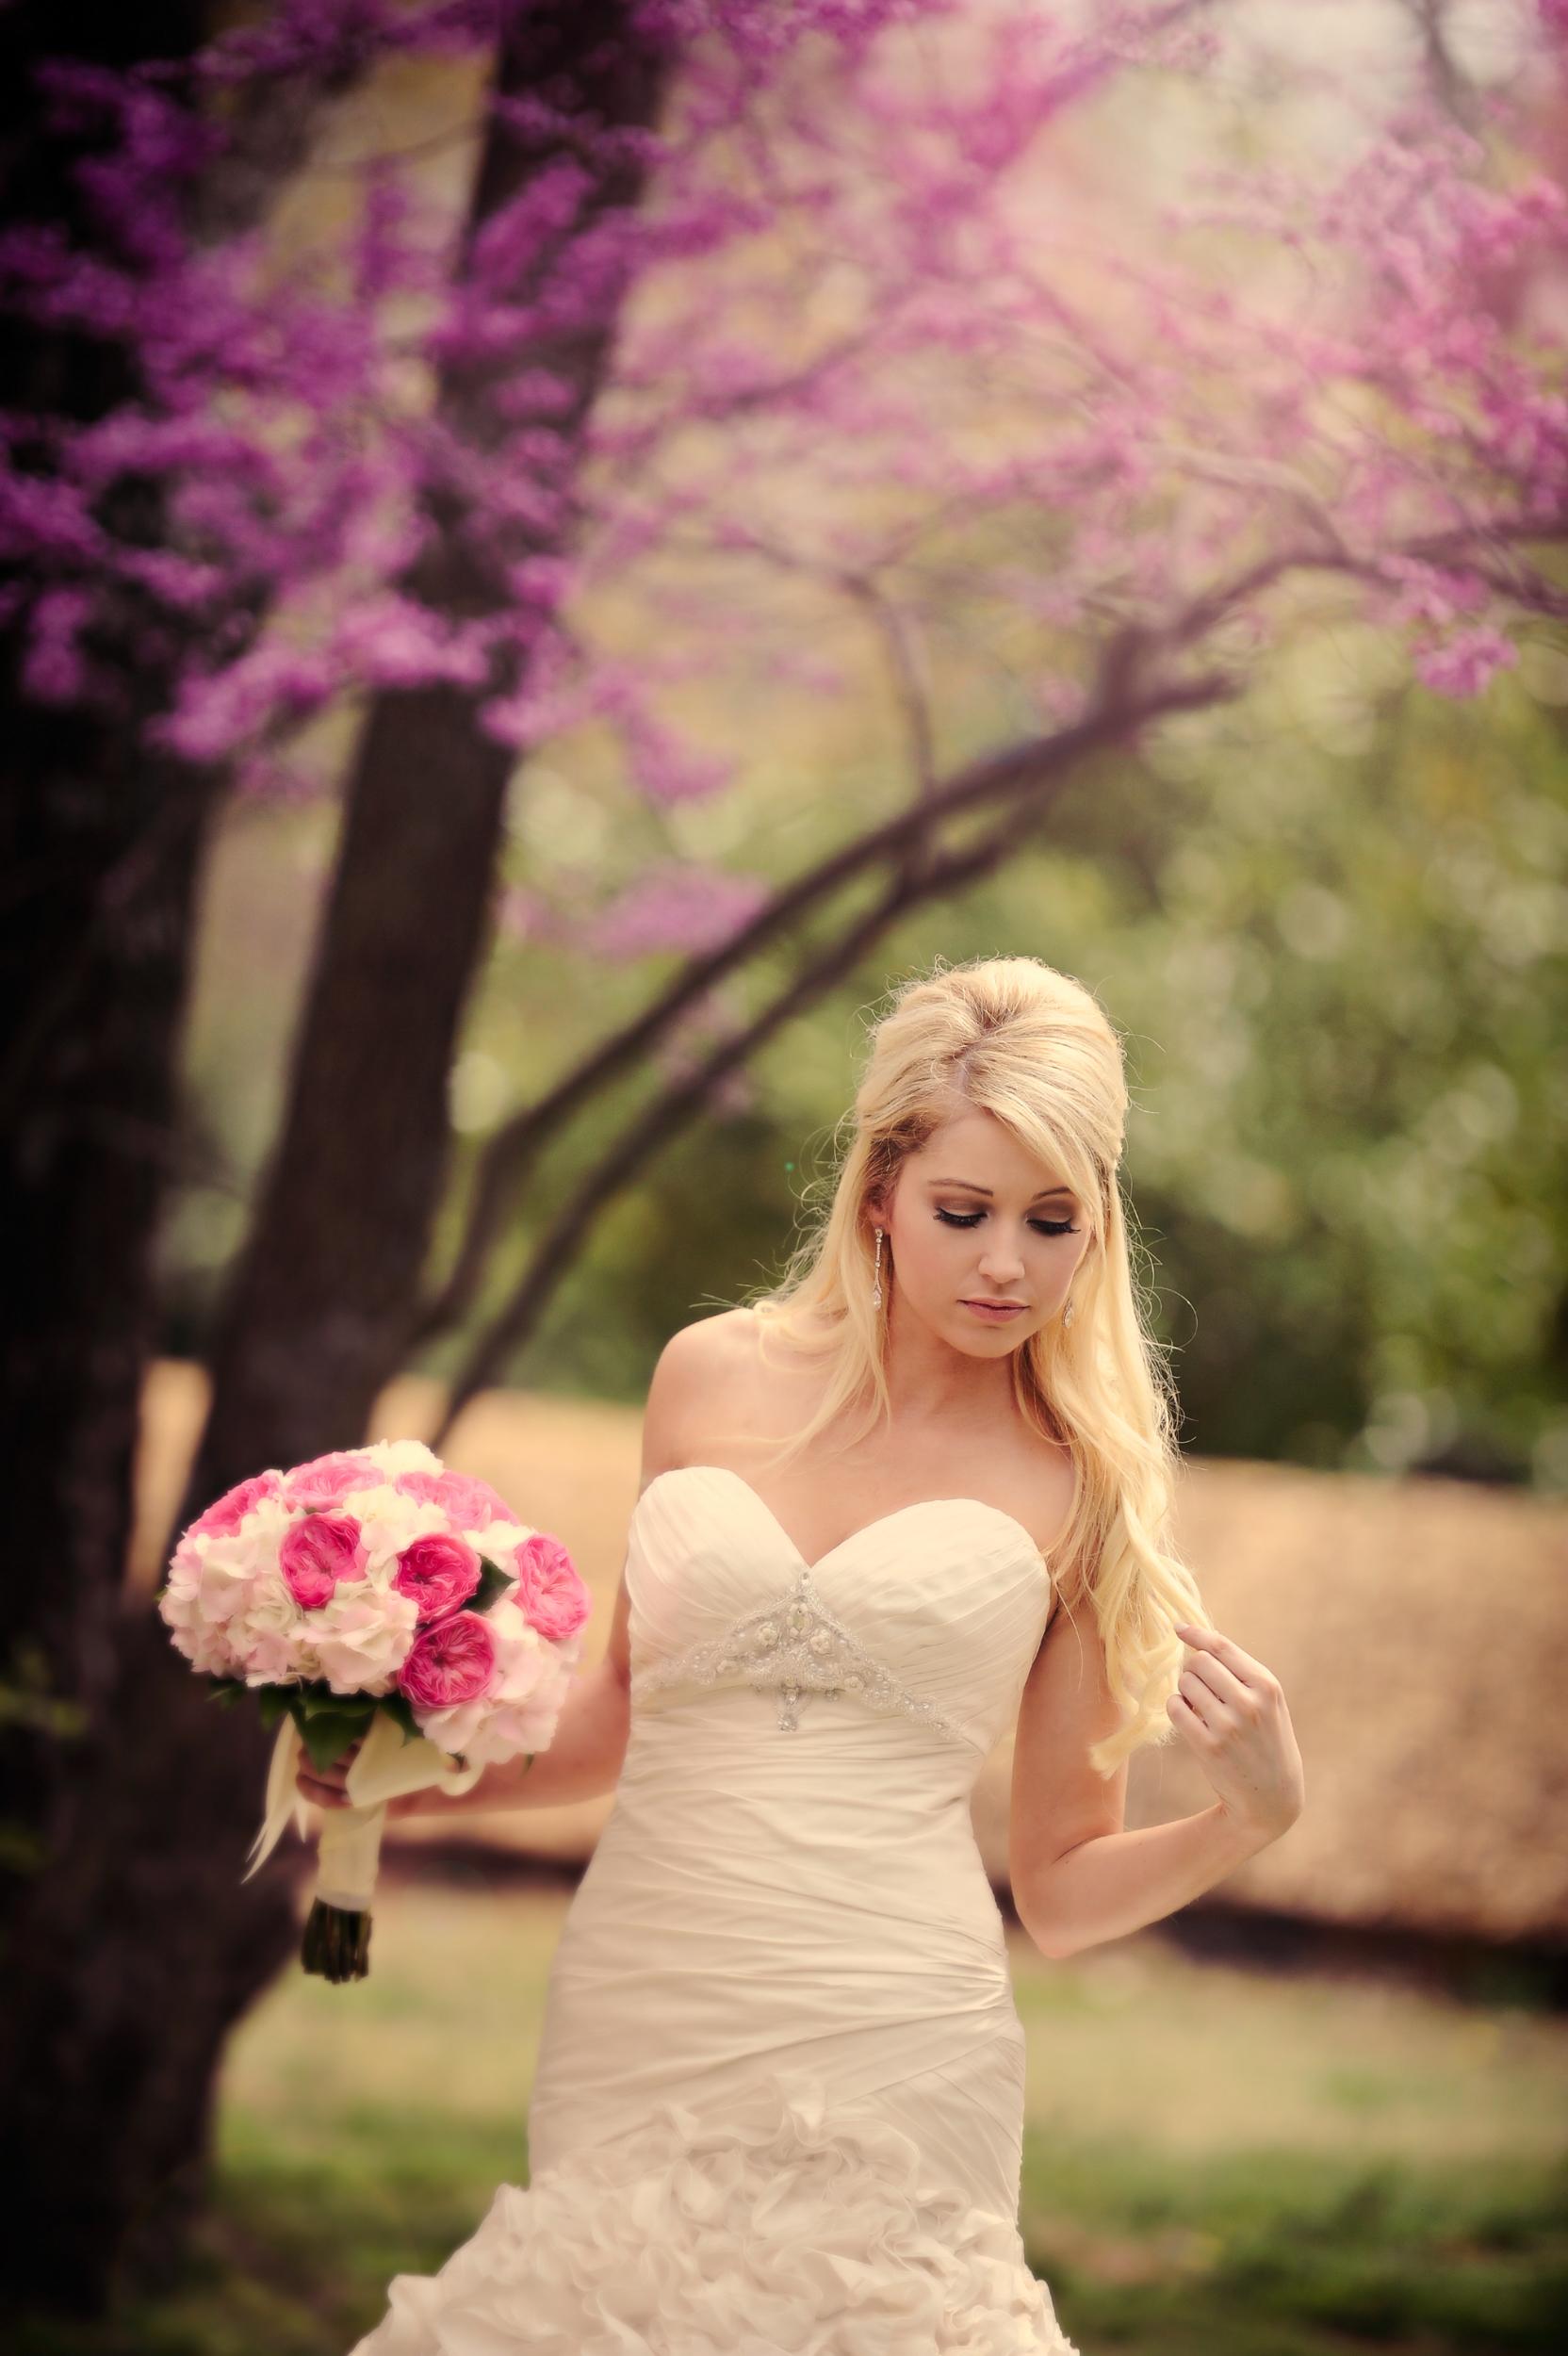 bridals©2015mileswittboyer-10.jpg